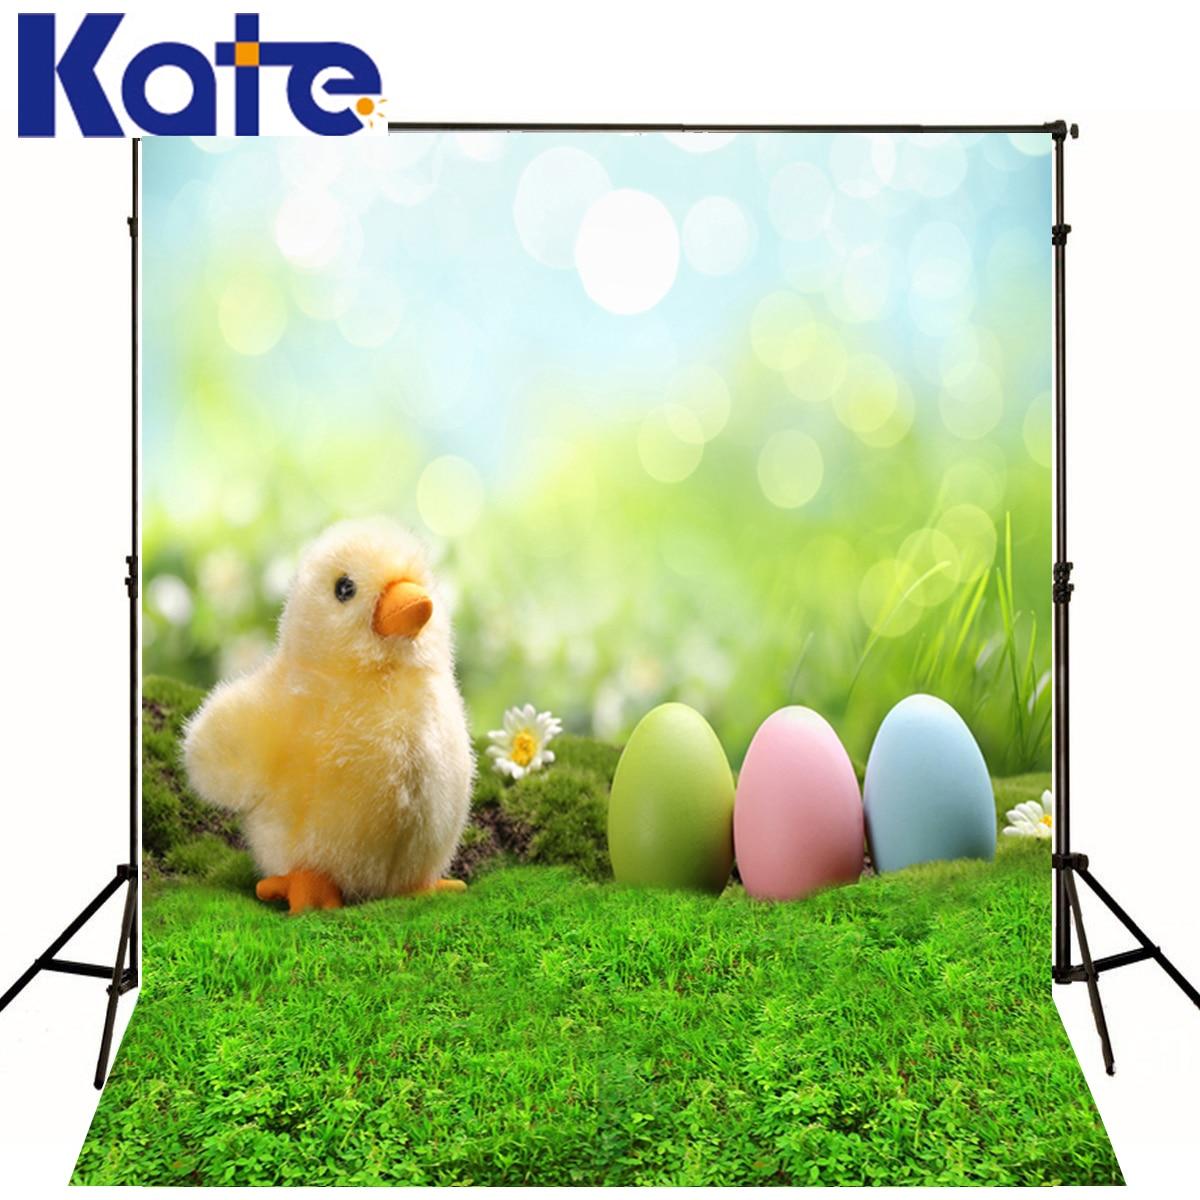 Famille fond couleur oeufs vert herbe photographie bébé toile de fond bleu ciel soleil poussin numérique Studio fond